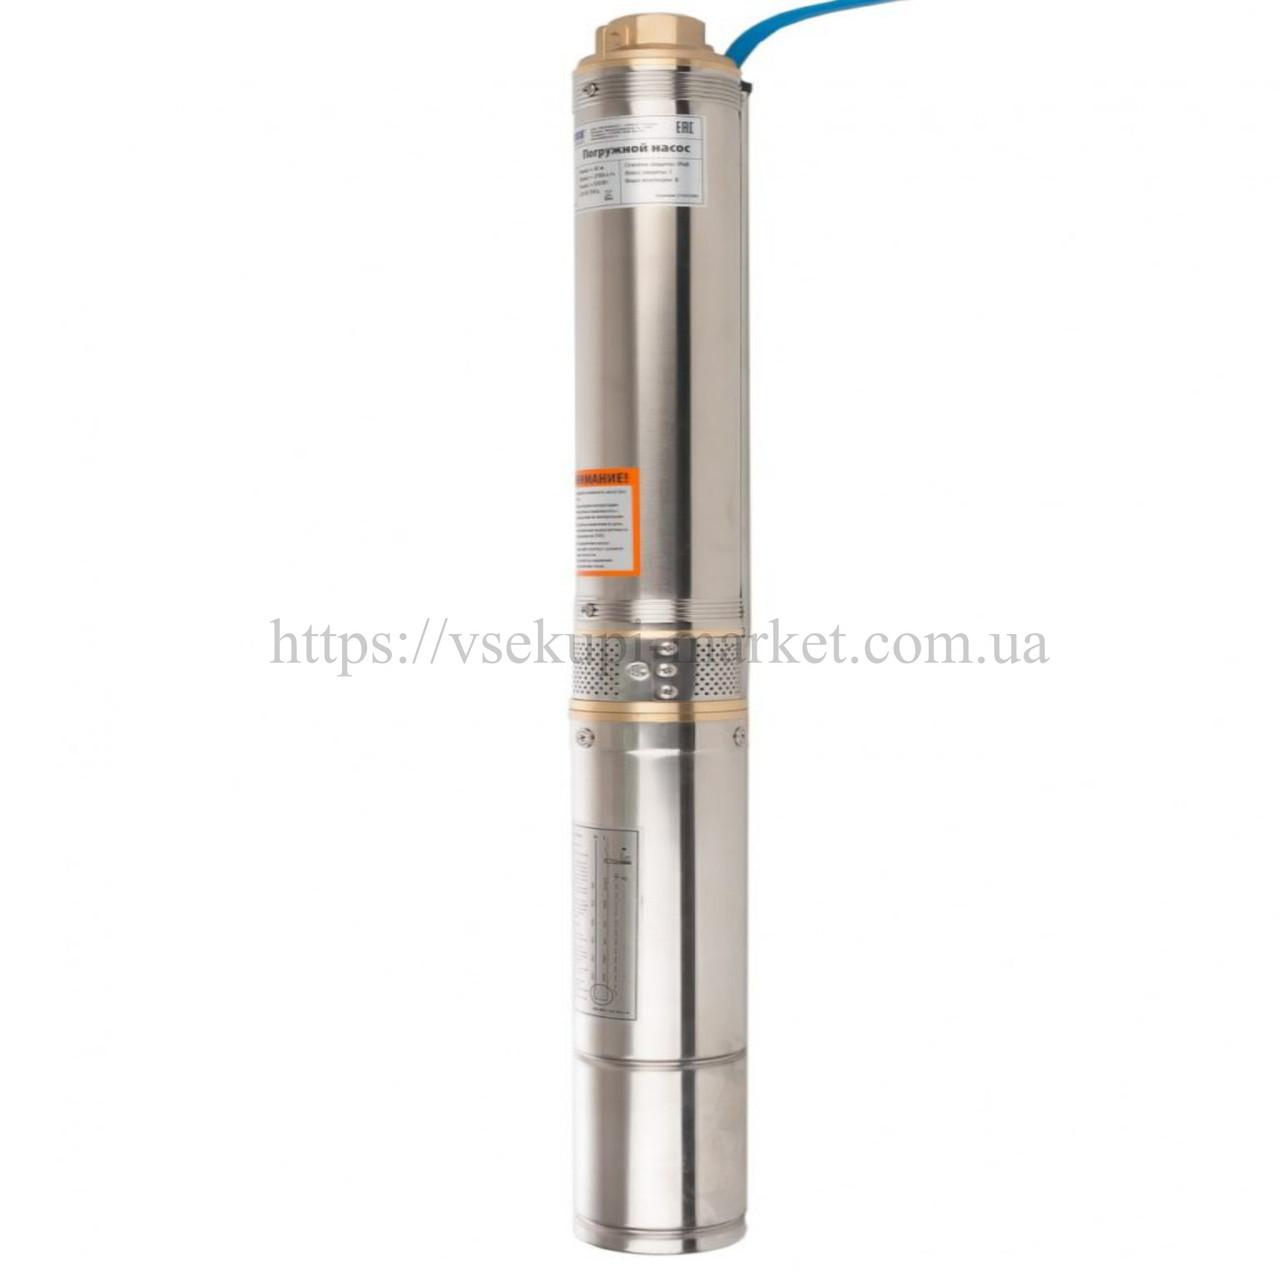 Скважинный насос Насосы+ 100 SWS 4-40-0.55 с муфтой